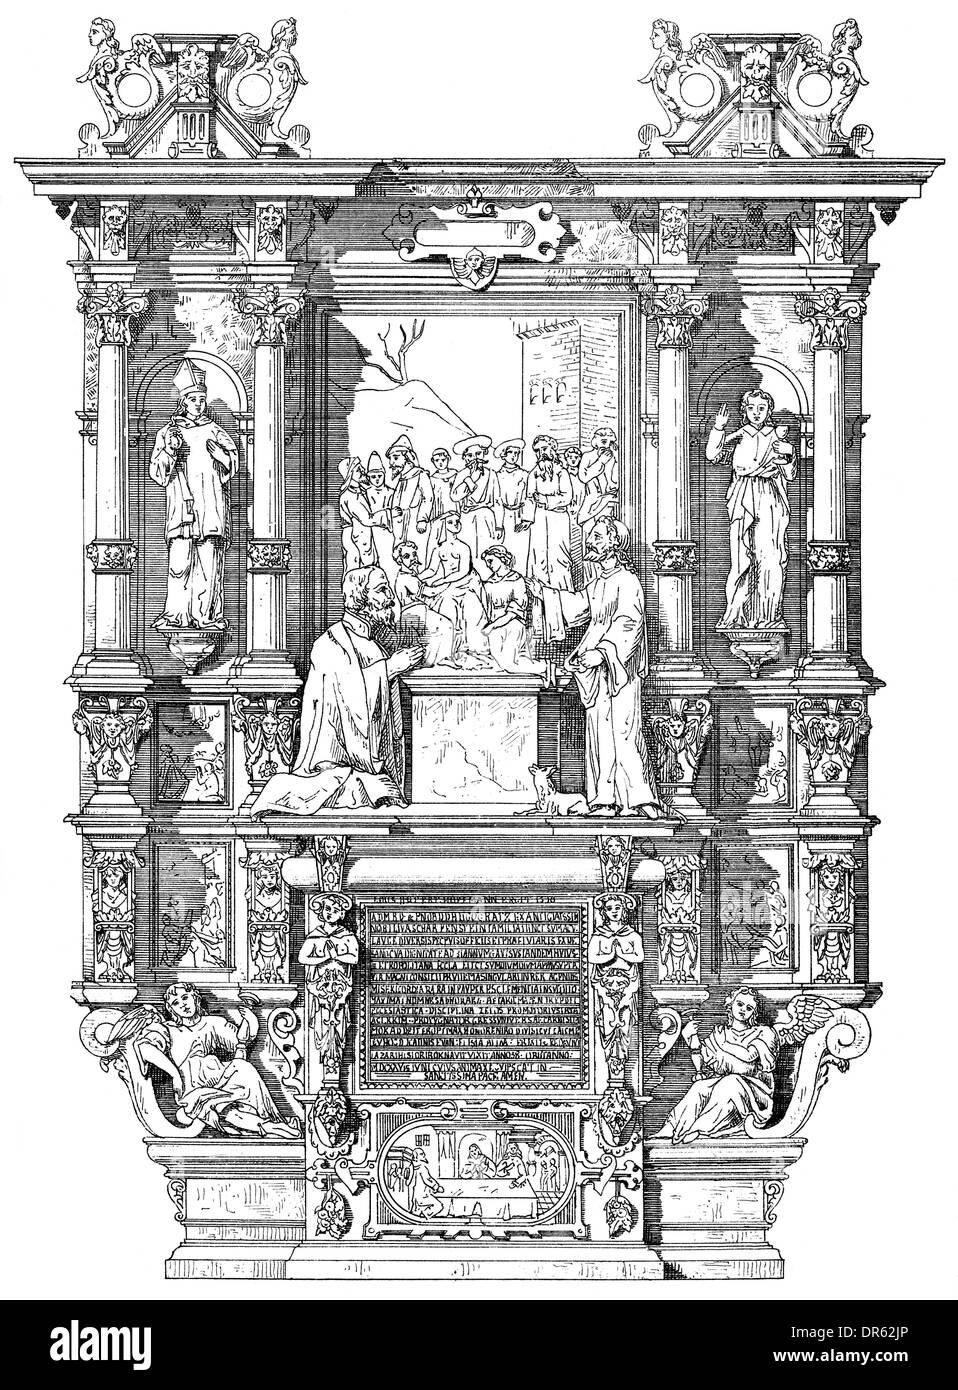 17 Jahrhundert Bild Architektur: Epitaph Altar Des Propstes Hugo Cratz Von Scharffenstein